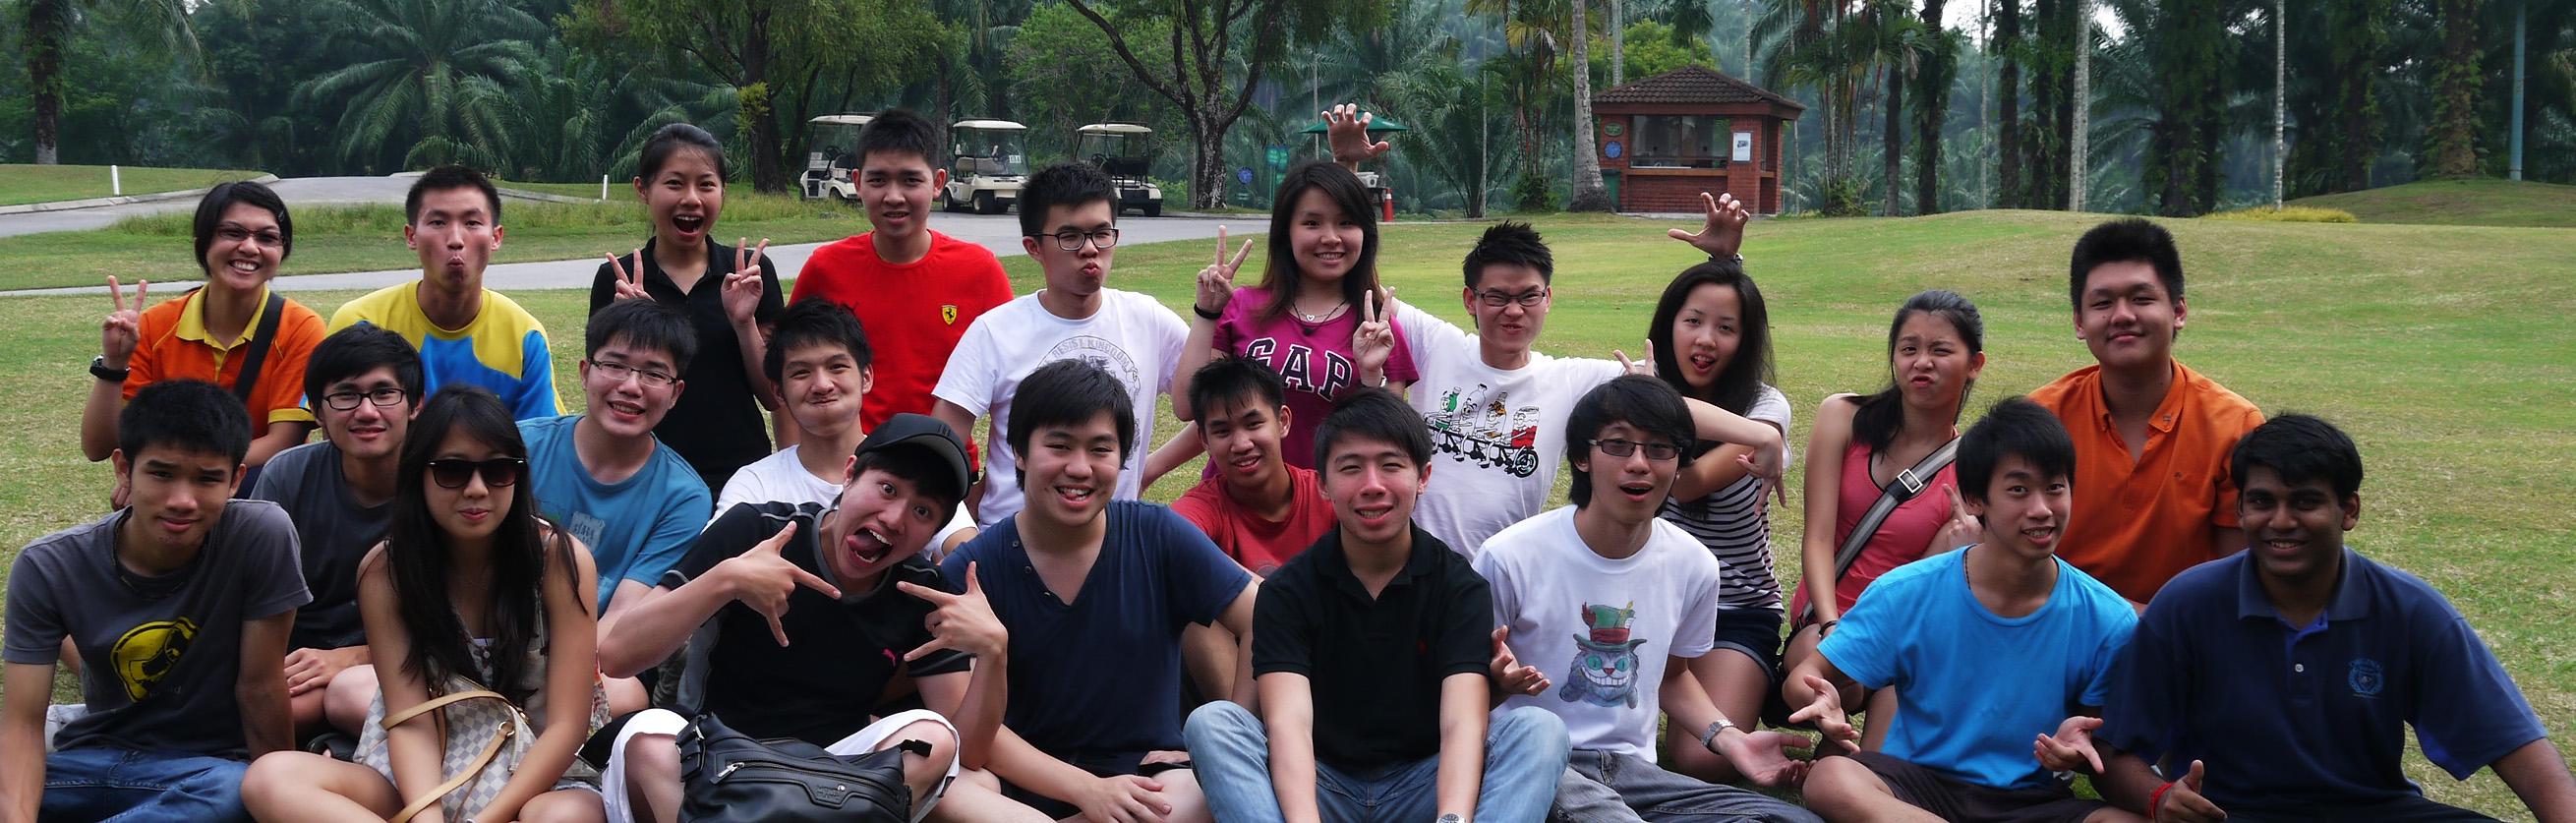 CUMaS_Freshers_Camp_Group